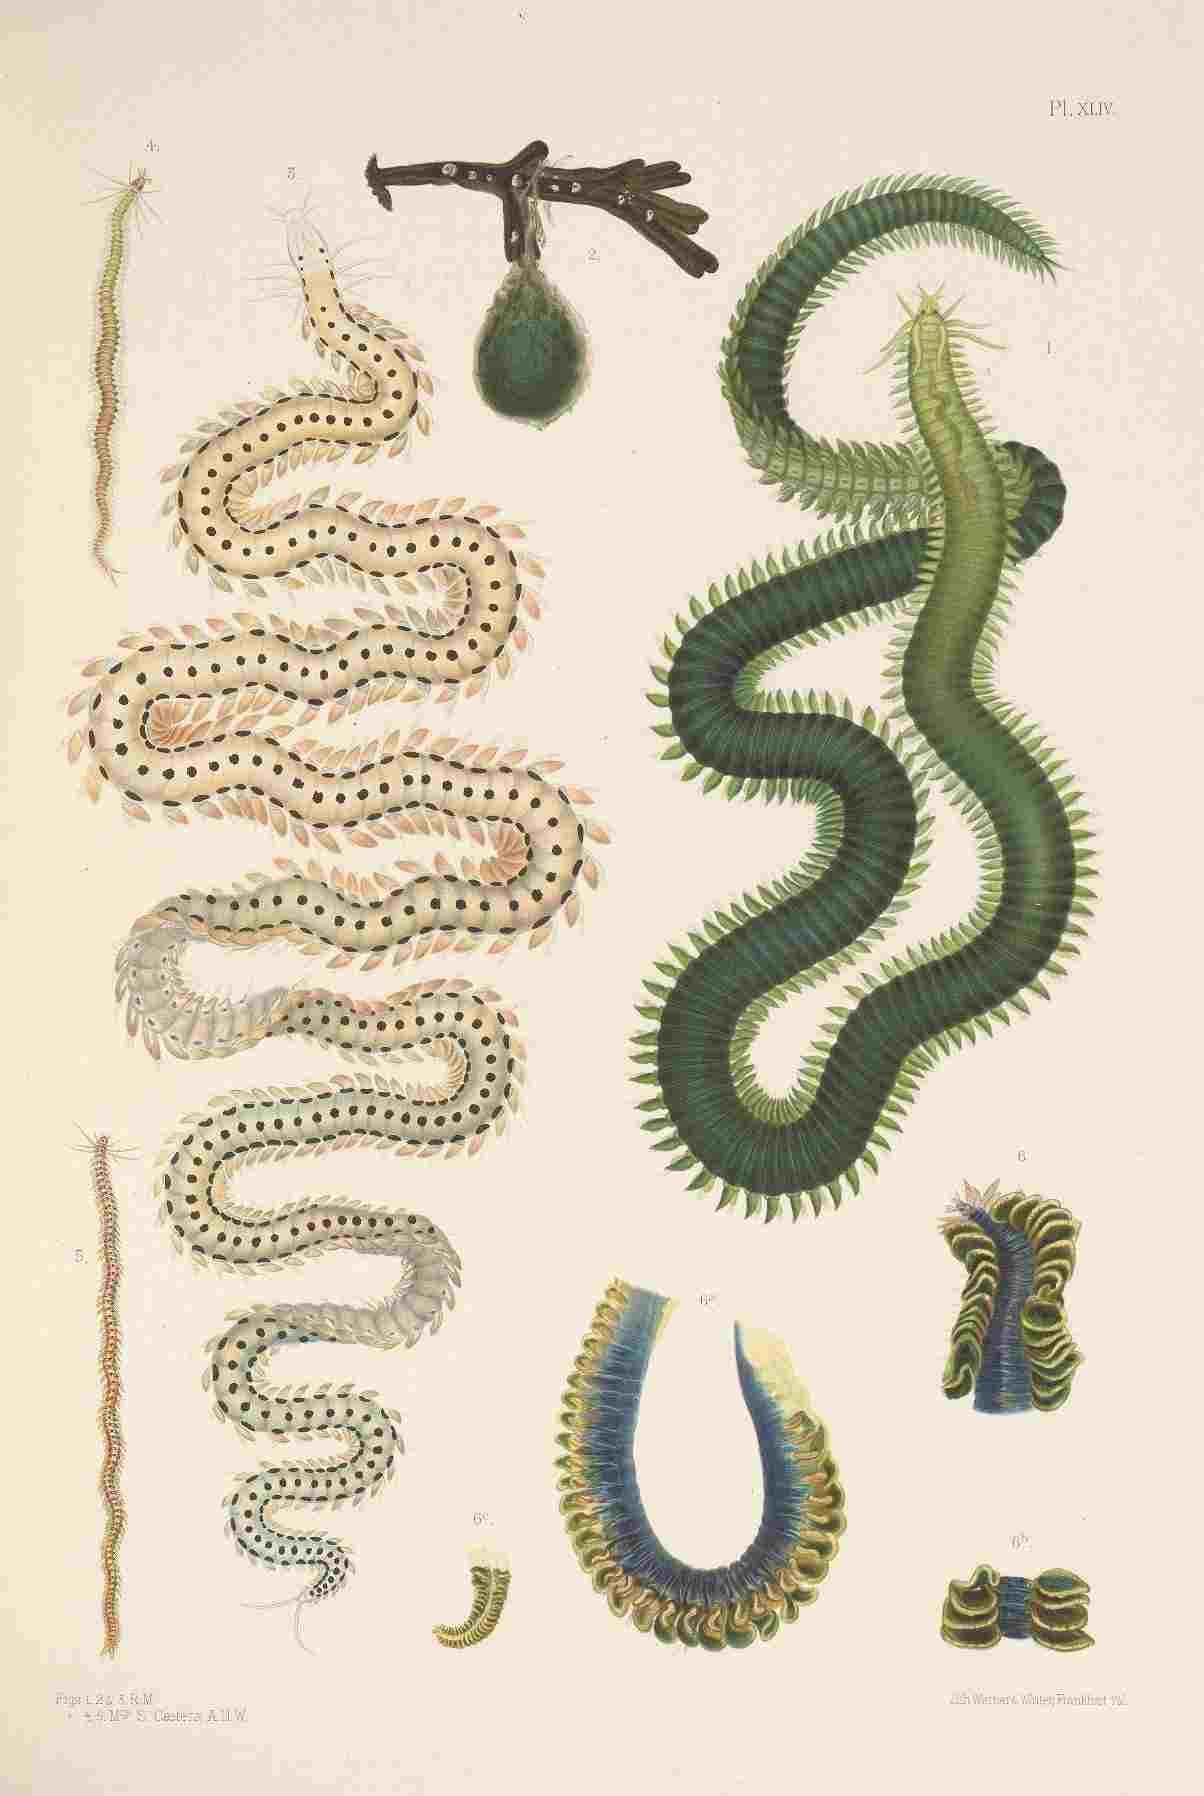 女性イラストレーターによる自然史アートの貢献_c0025115_21394447.jpg